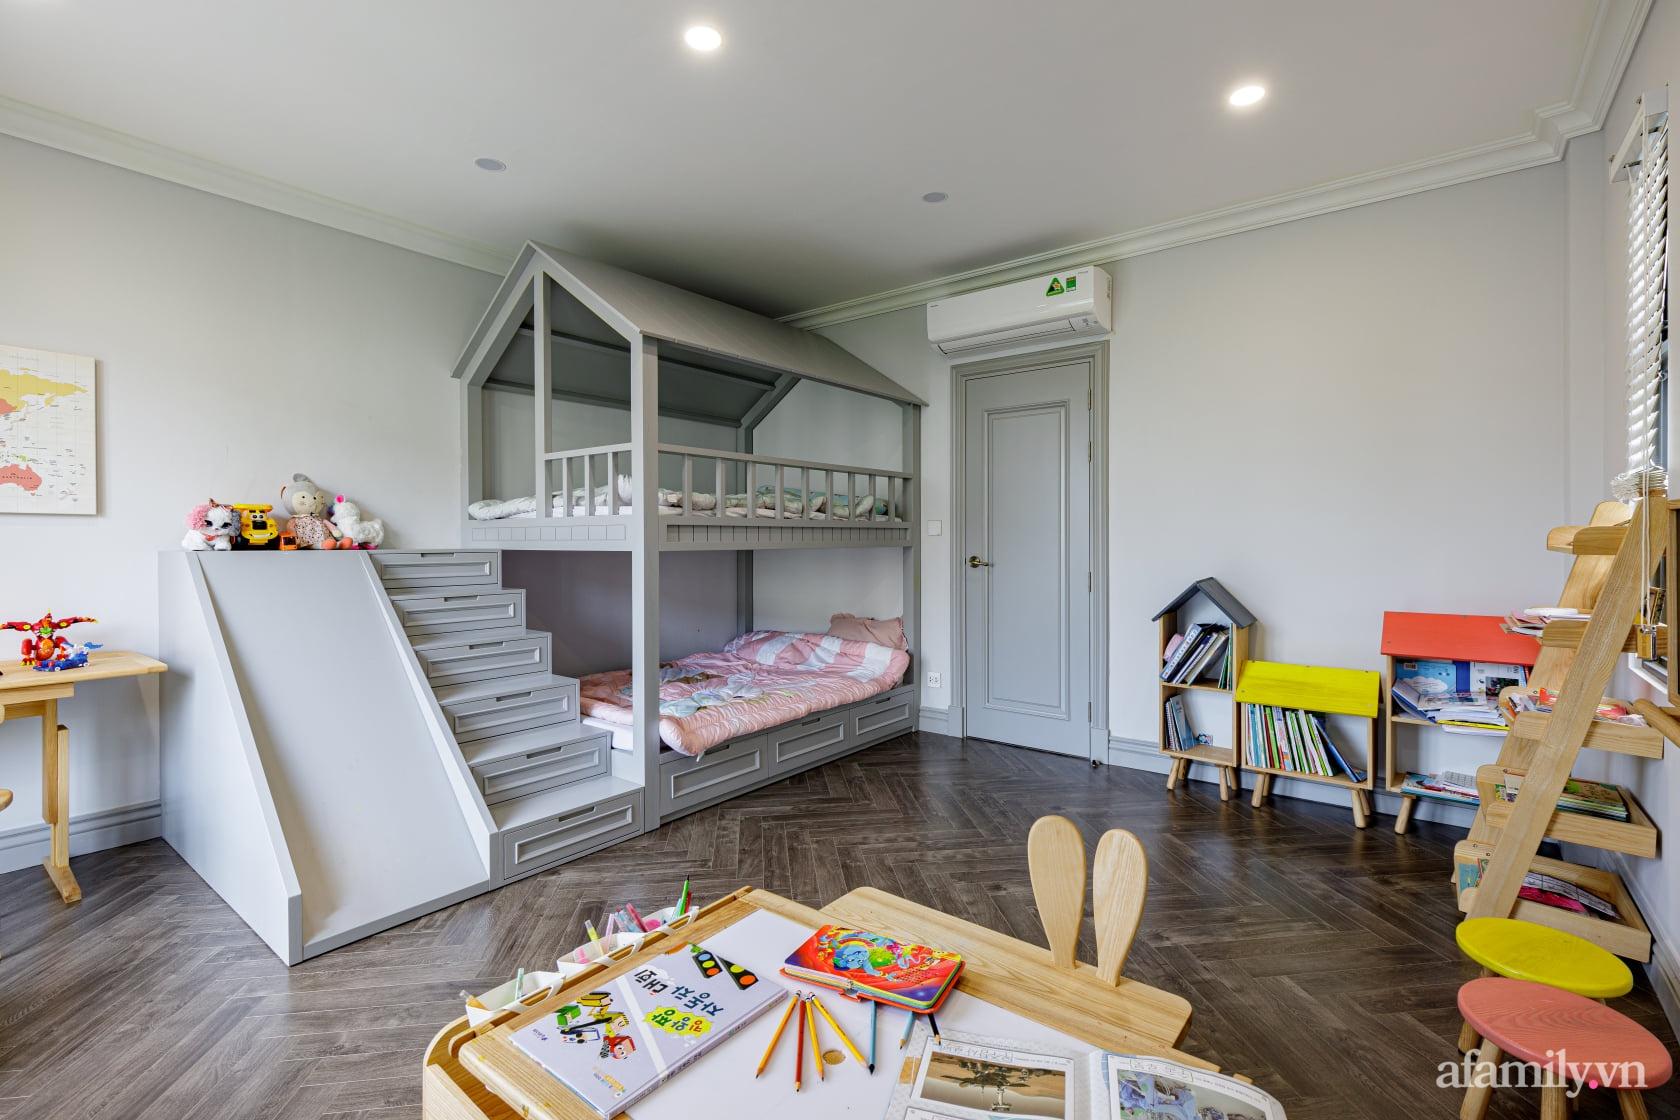 Nhà phố 3 tầng đẹp sang trọng với nội thất cực chất theo phong cách Traditional ở Hà Nội - Ảnh 26.